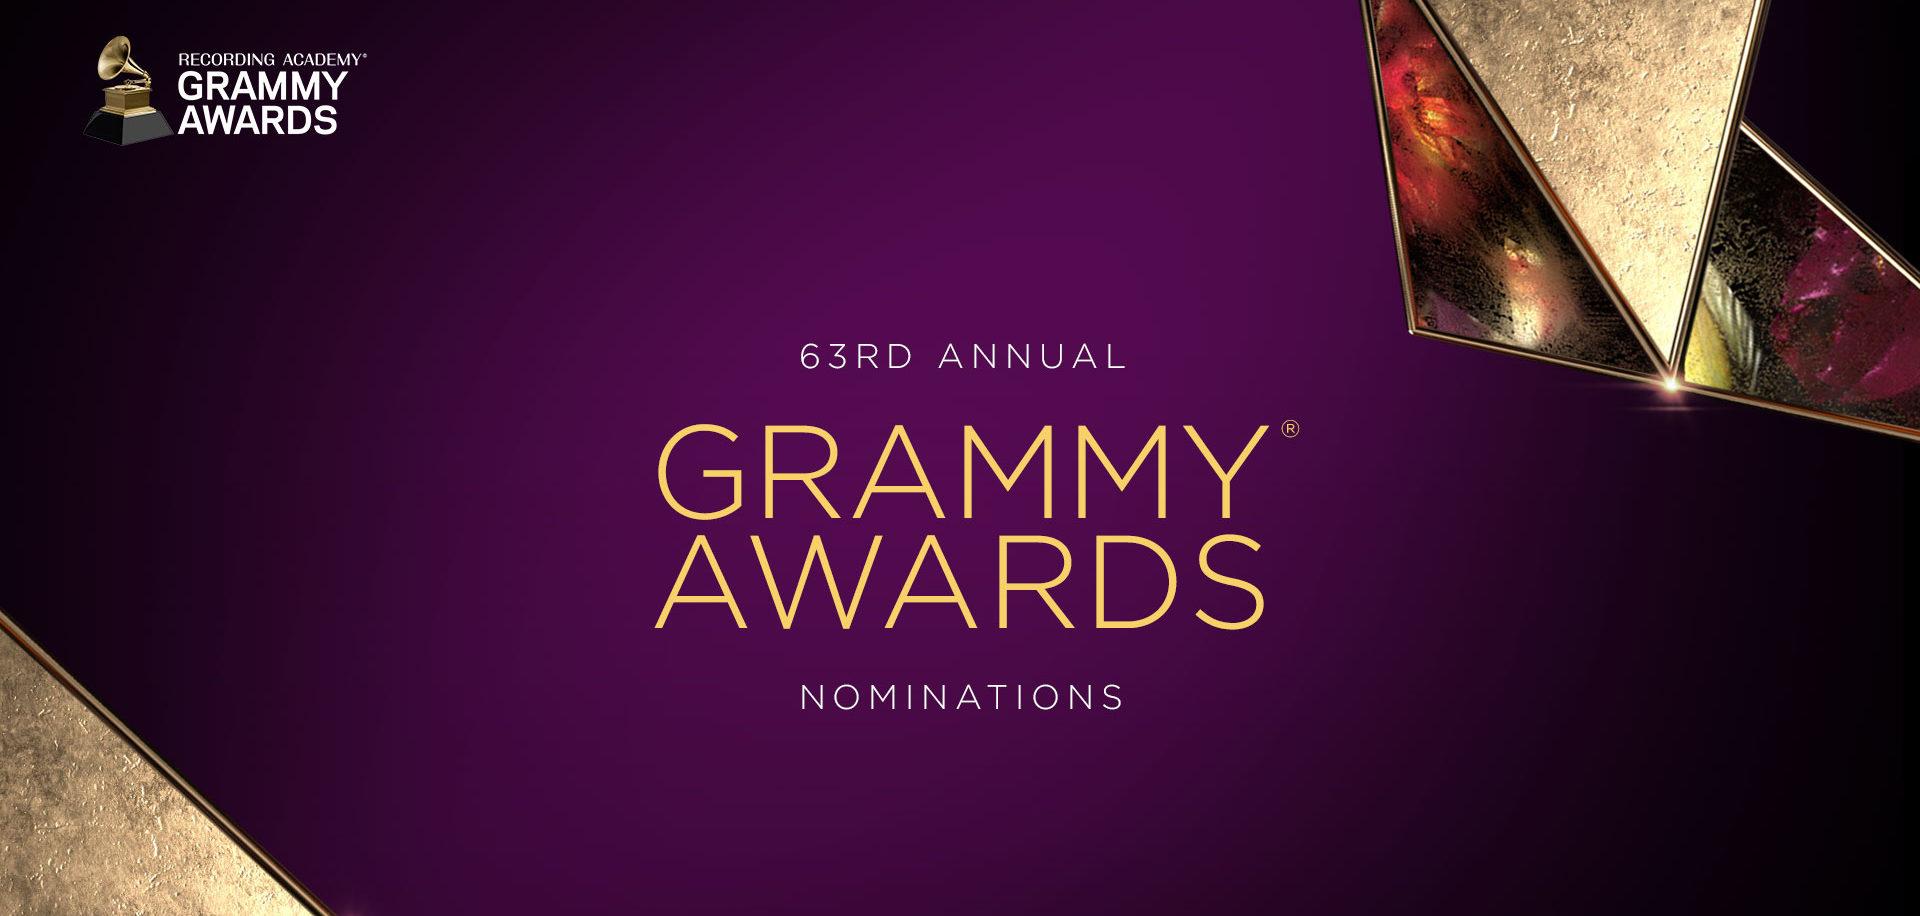 grammy 2021 nominations e1615661481390 - Премия GRAMMY Awards 2021 пройдёт сегодня: список номинантов, кто выступает, где и во сколько смотреть онлайн